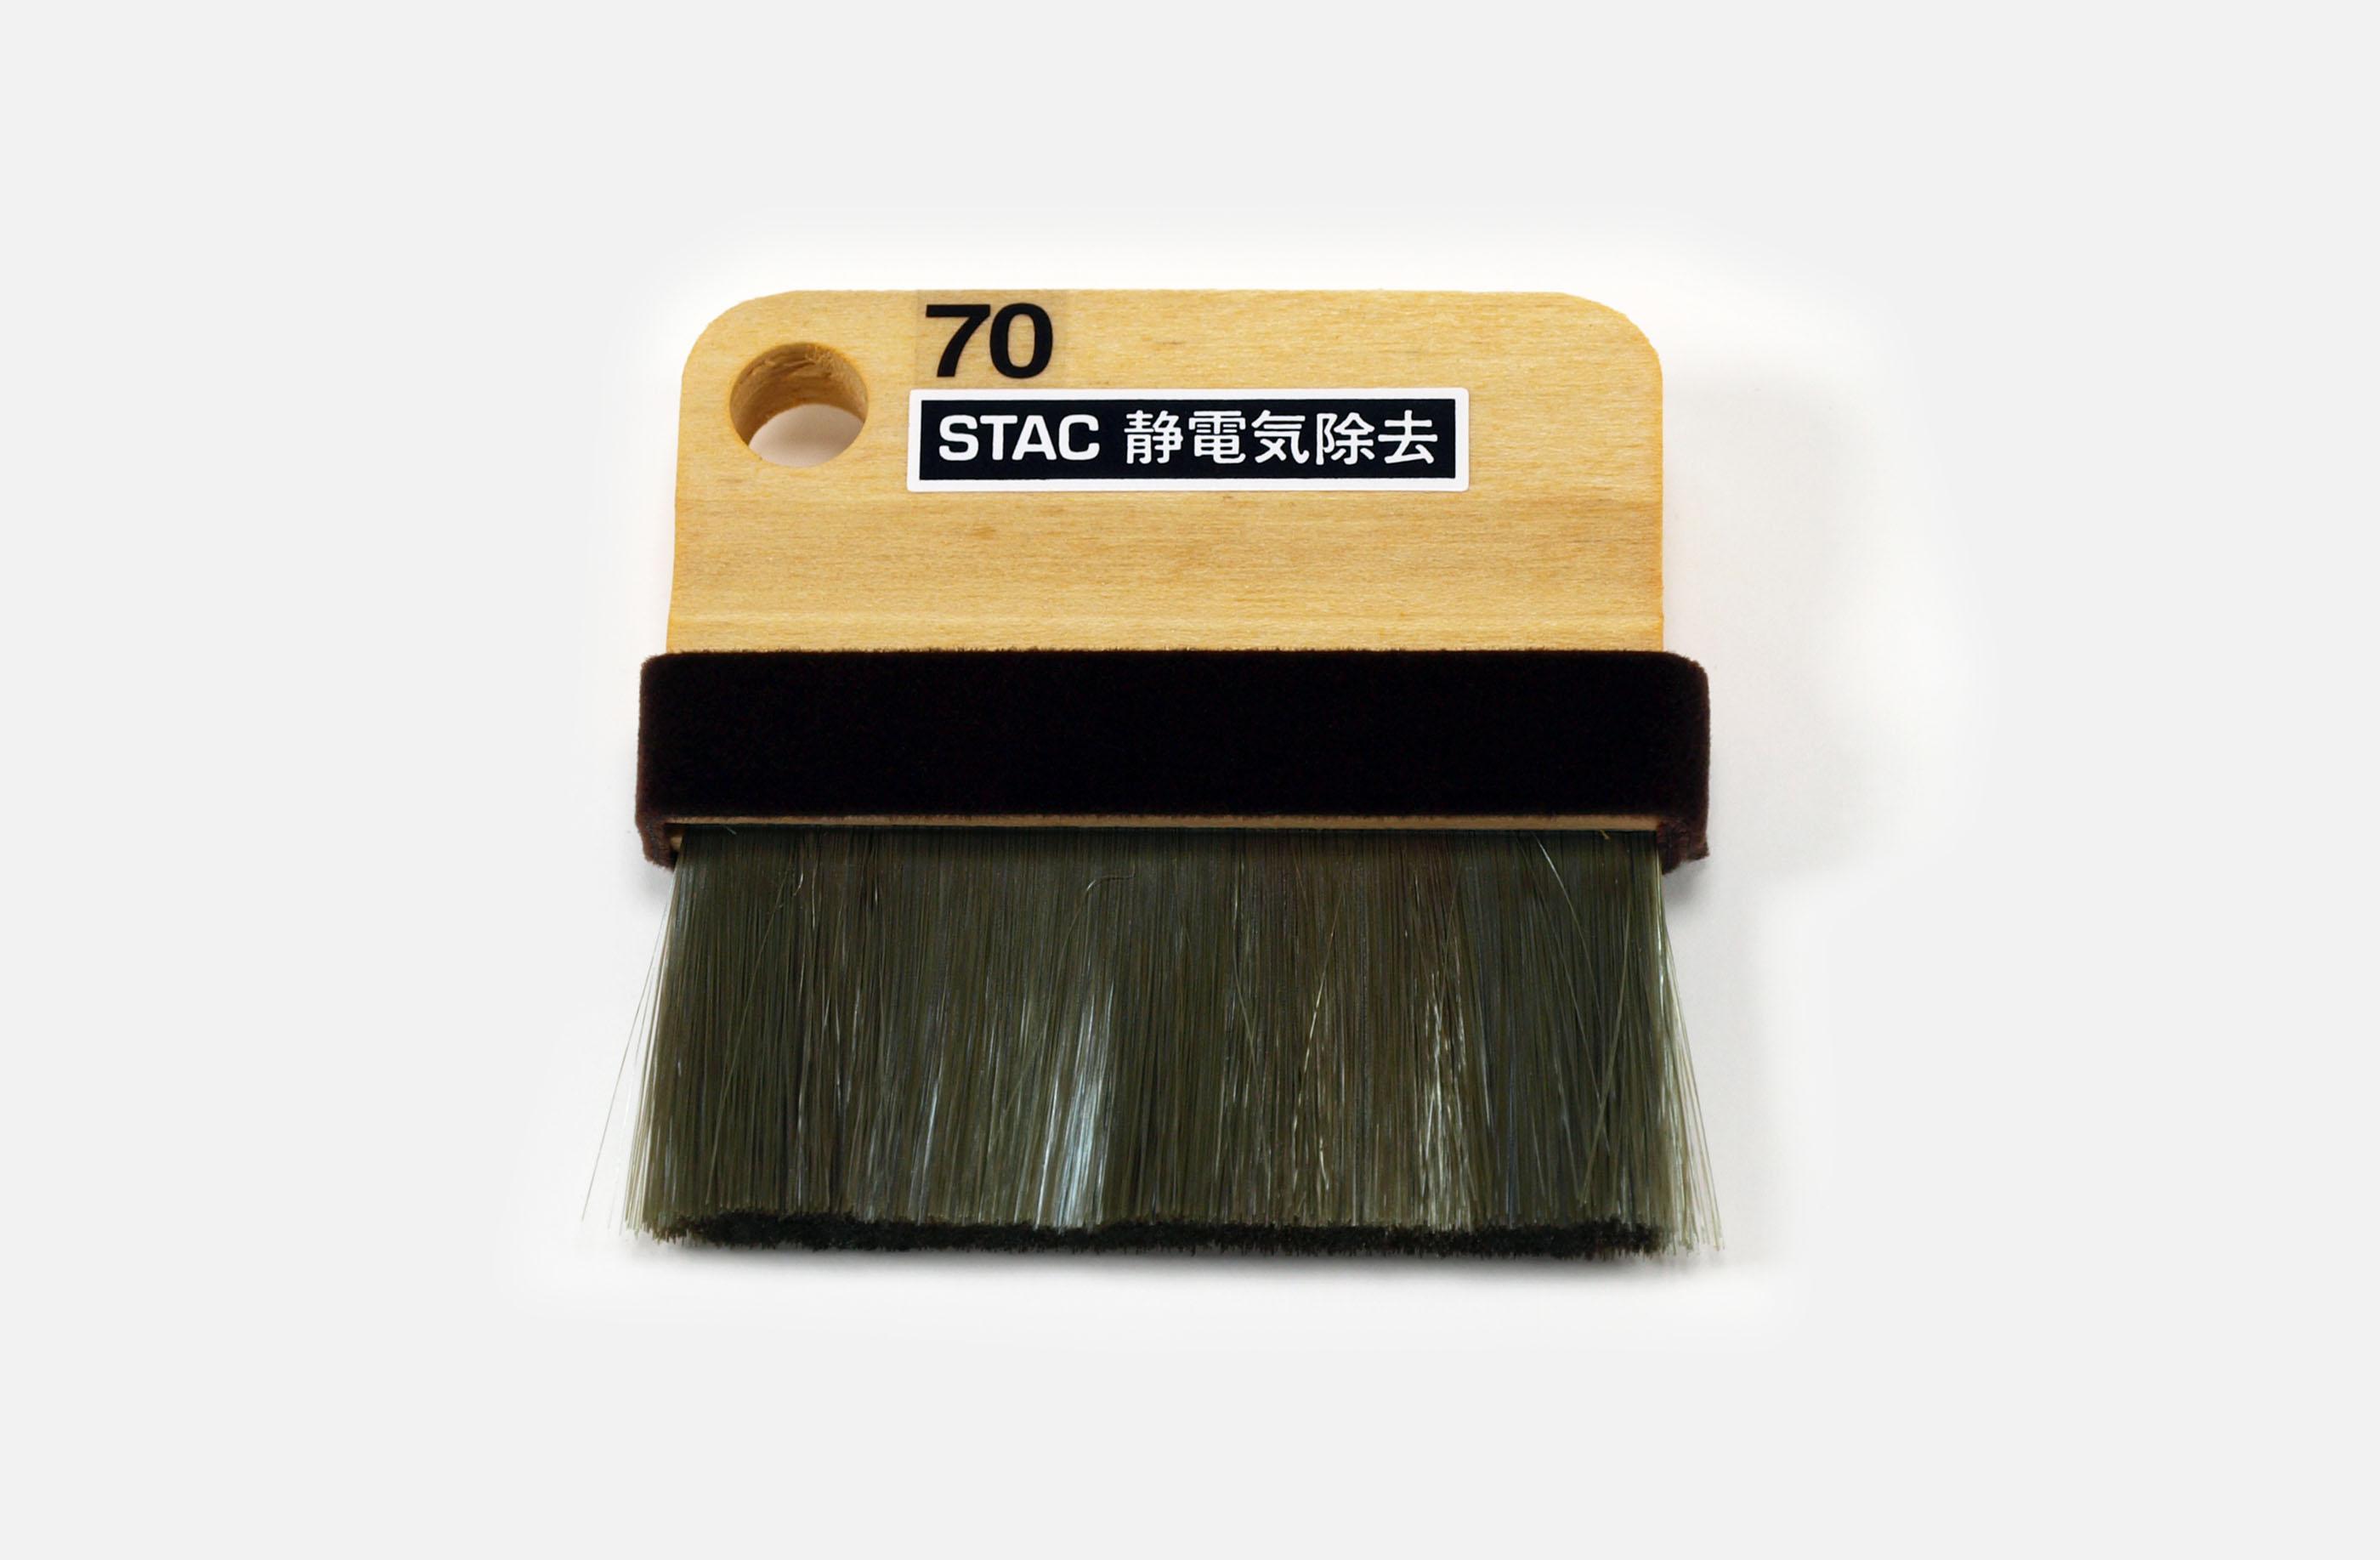 コンパクト木柄ゴールド除電ブラシSTAC70